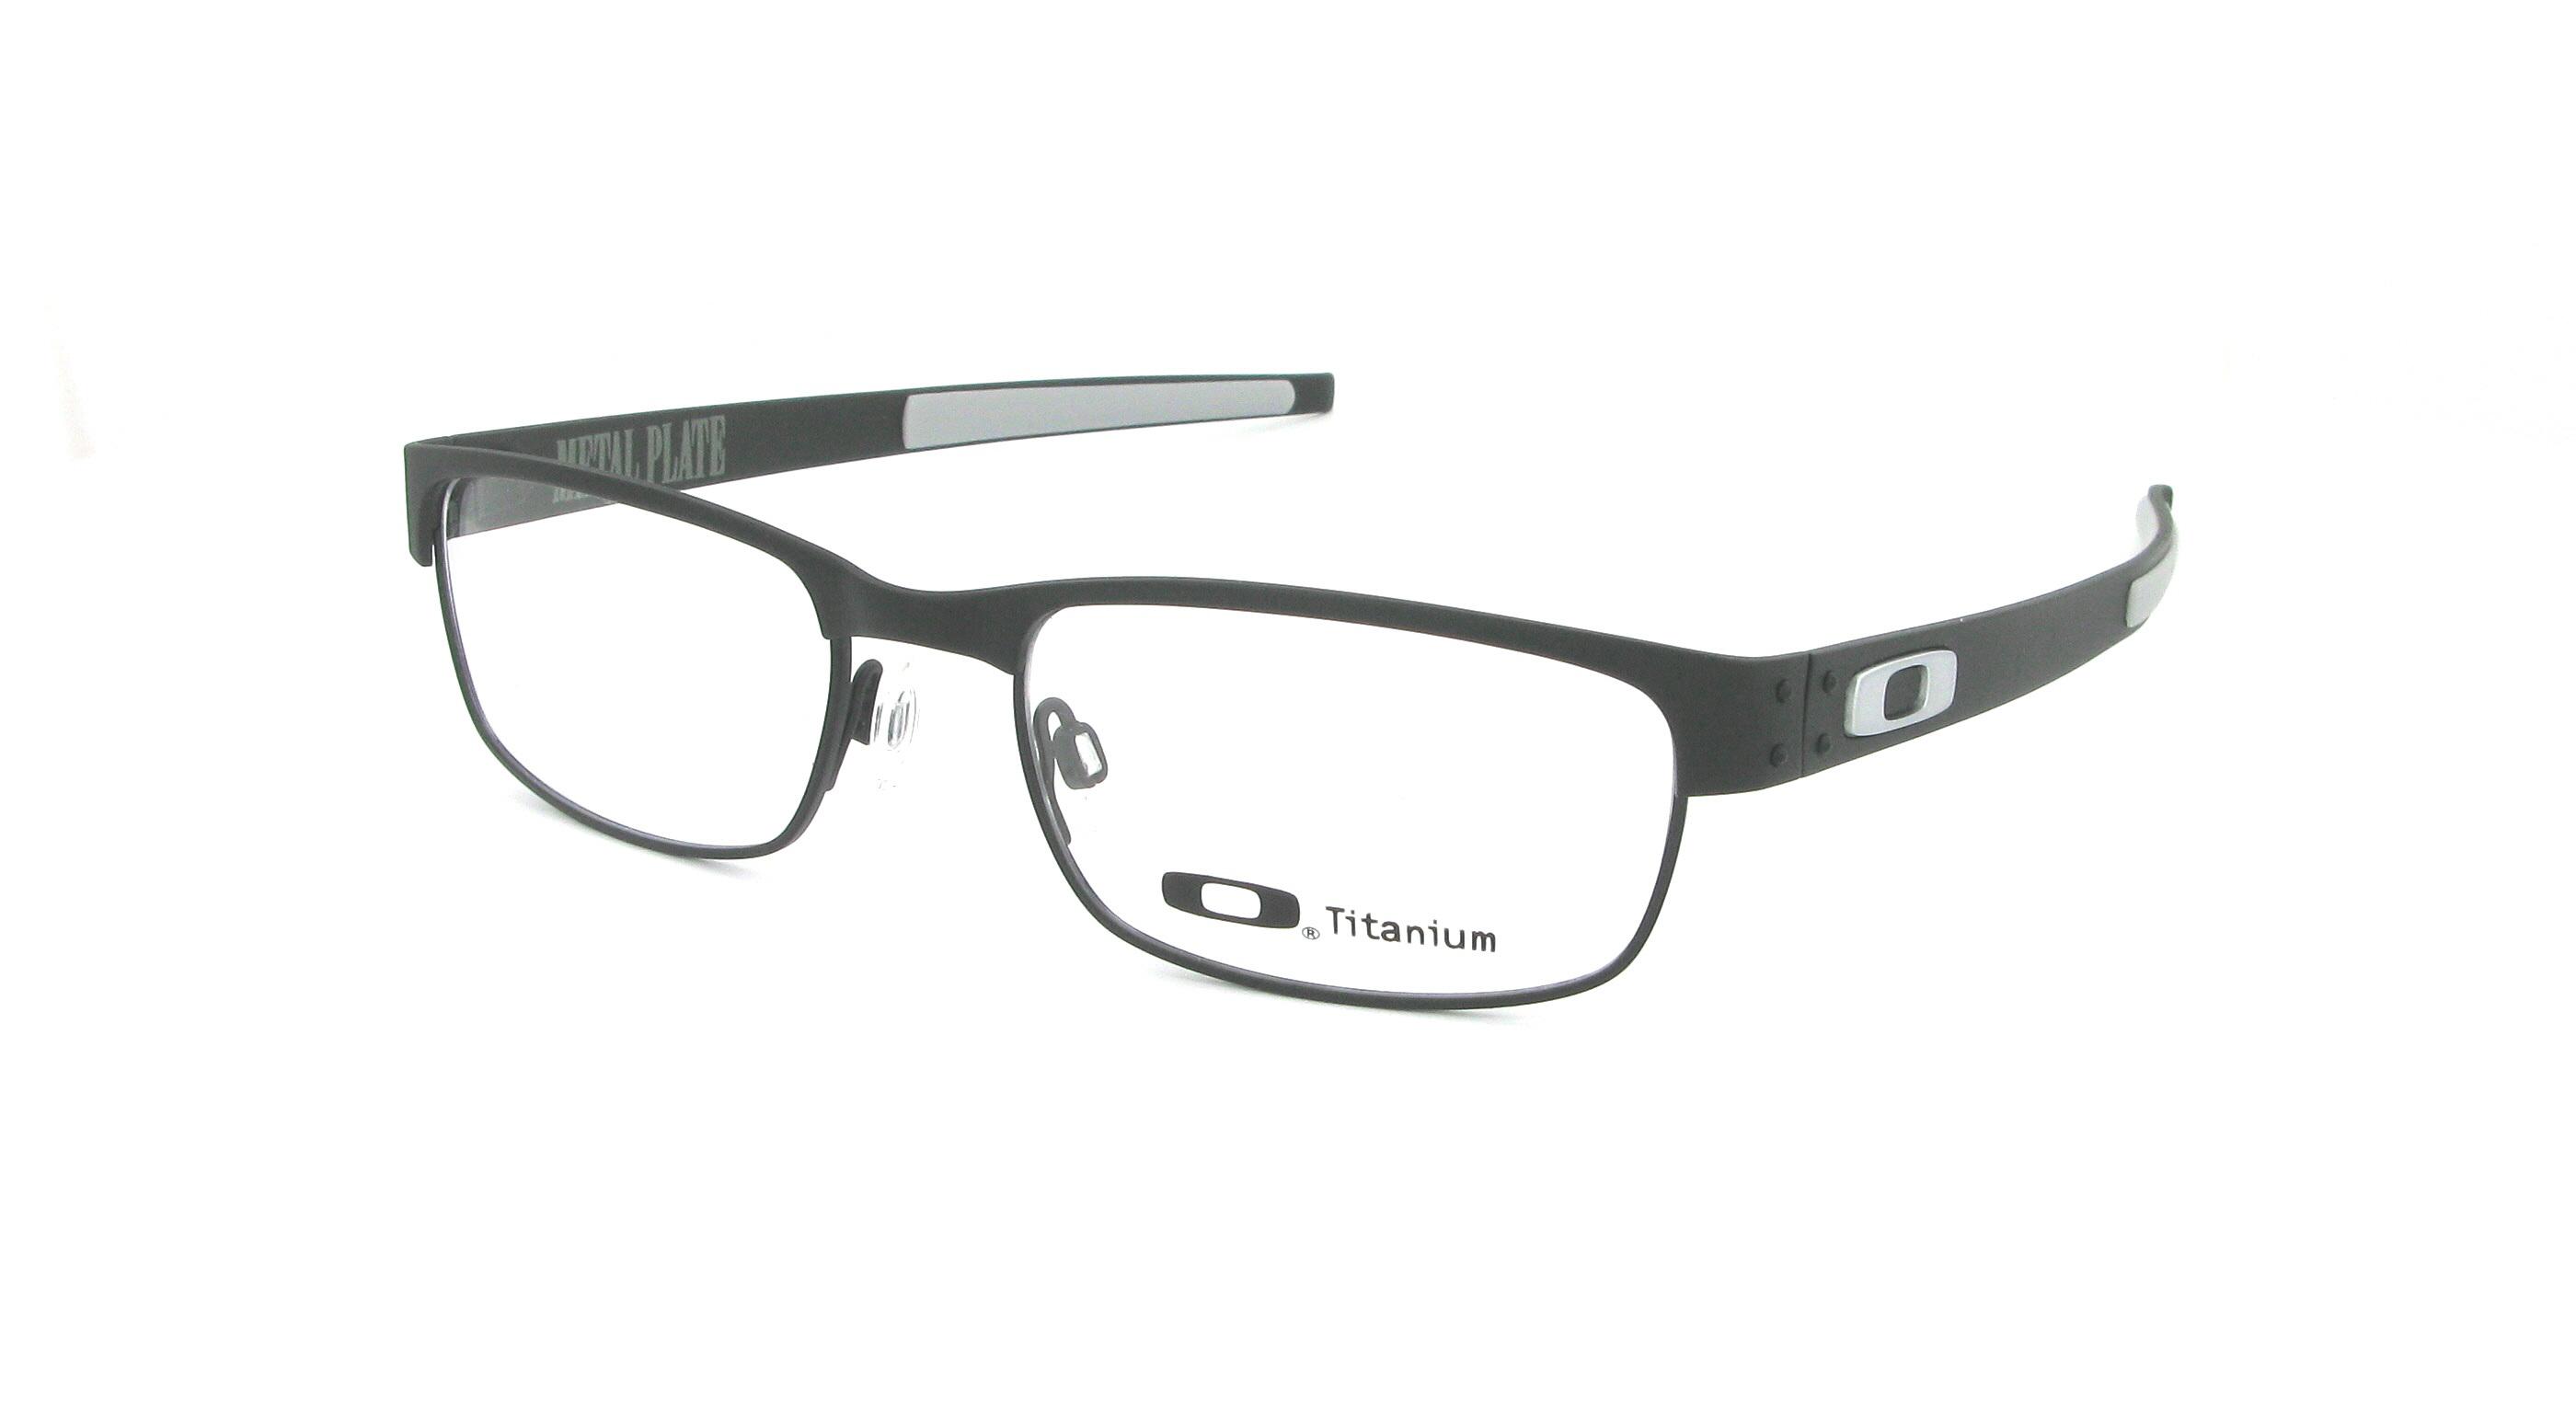 Lunettes de vue : assumez vous avec vos lunettes